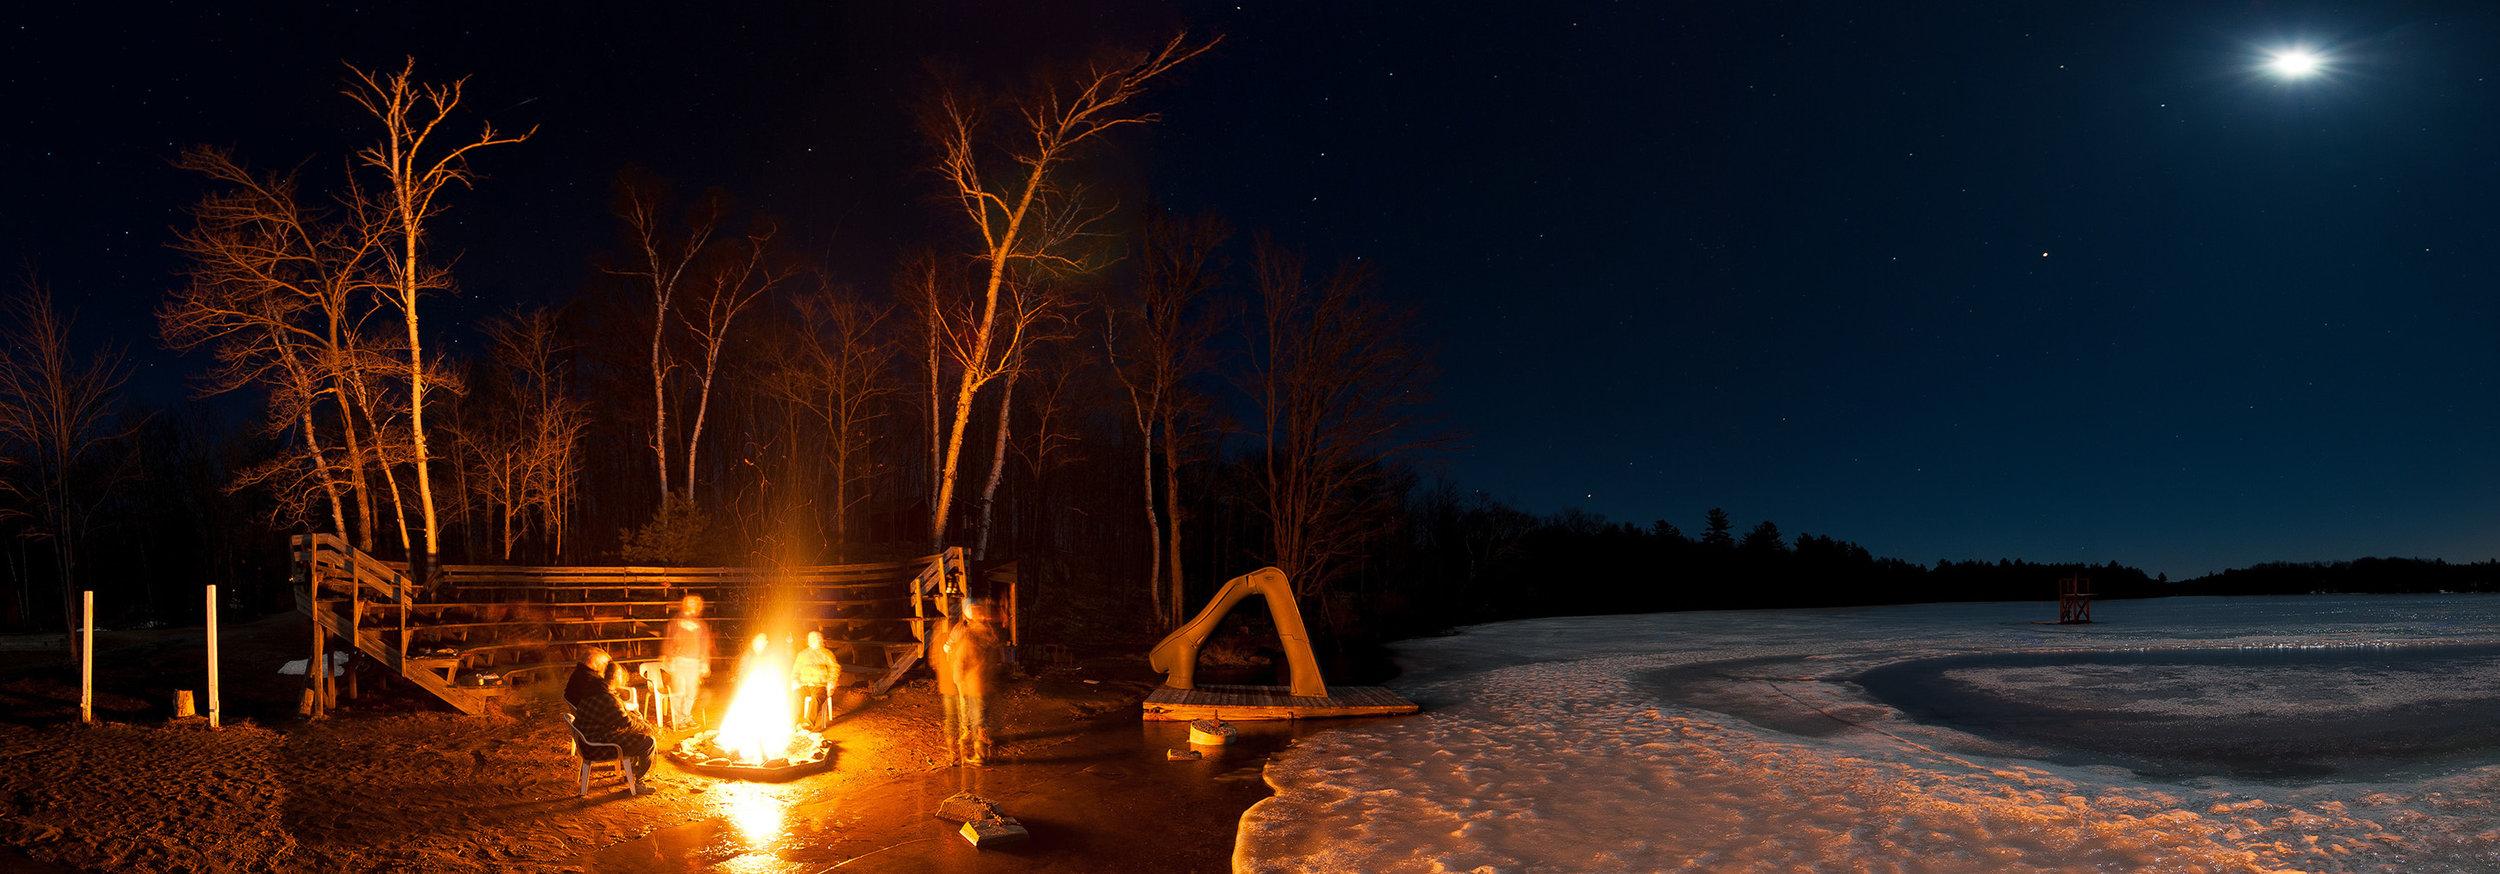 Eveningbonfire.jpg